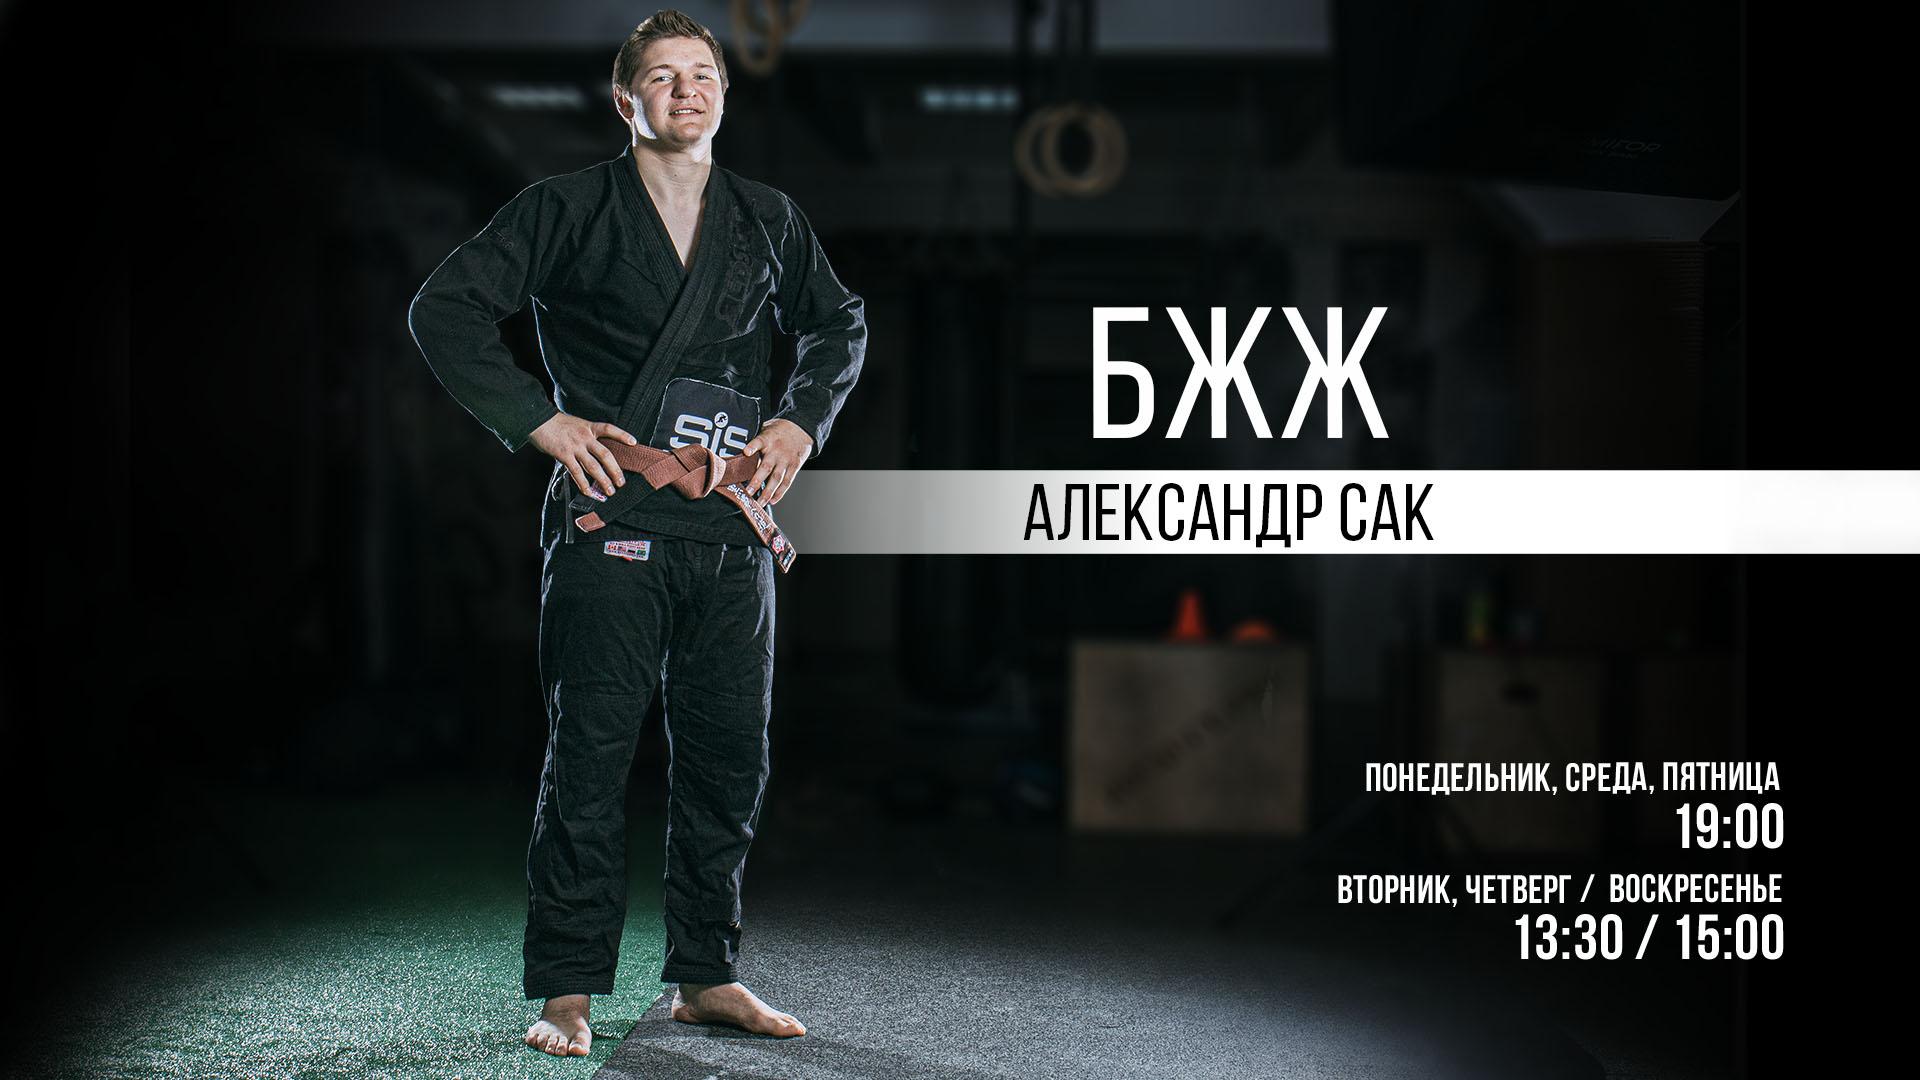 Александр Сак (ТРЕНЕР ПО БЖЖ GMGYM)